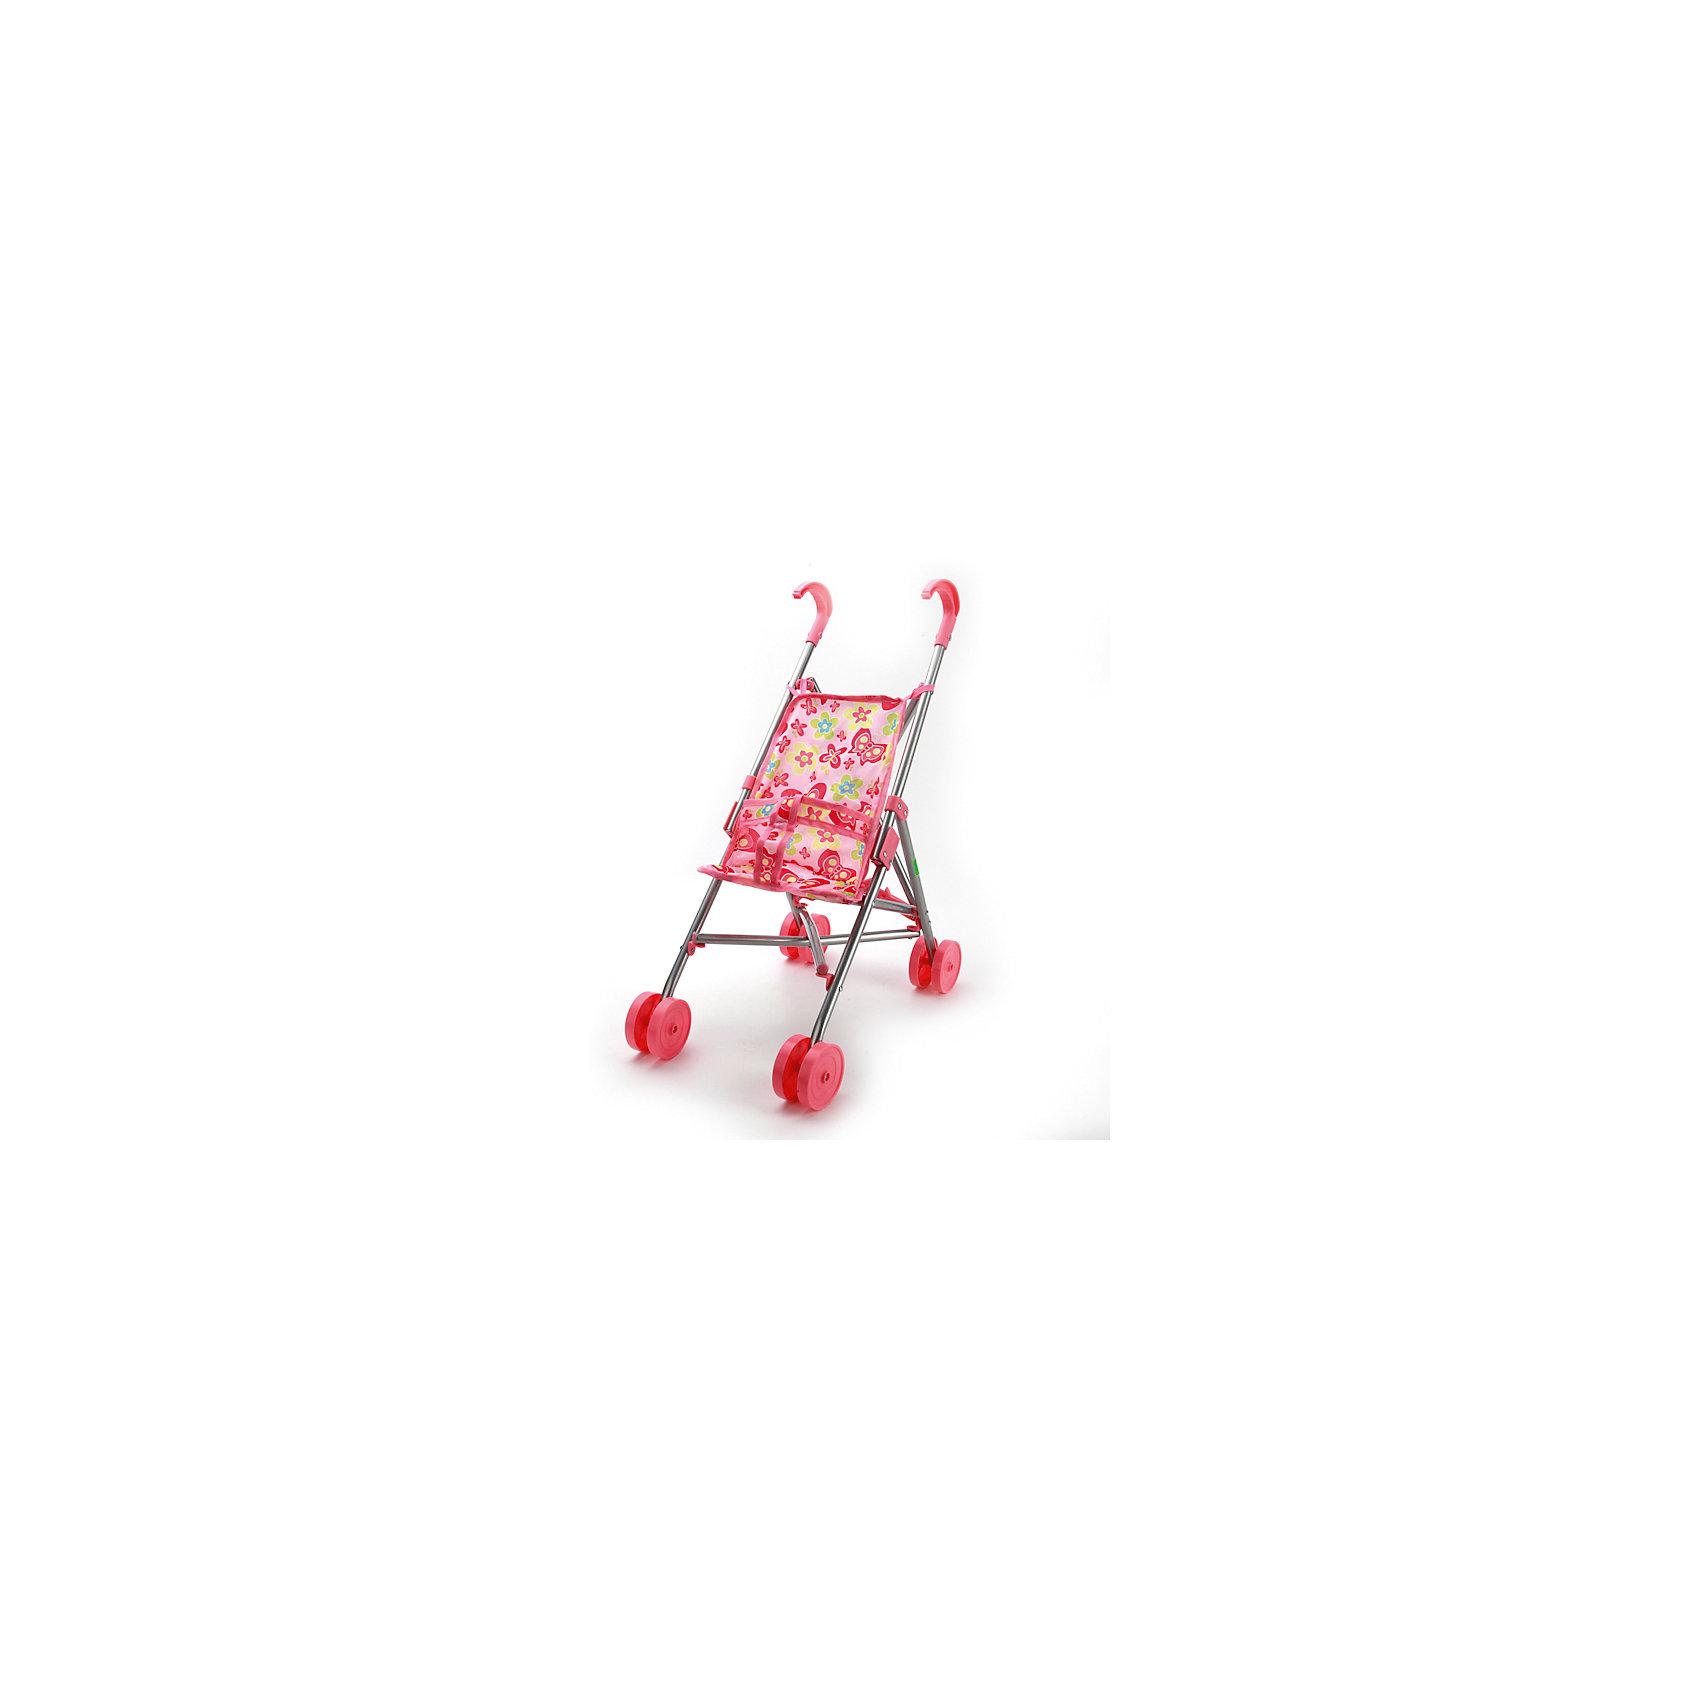 Коляска-трость для кукол Летняя, с ремнем безопасности, в цветочек, MeloboКоляски и транспорт для кукол<br>Характеристики:<br><br>• вид коляски: для кукол;<br>• тип складывания: трость;<br>• тип колес: сдвоенные, неповоротные;<br>• тип ручки: отдельные;<br>• комплектация: коляска-трость с ремнем безопасности;<br>• материал: алюминий, пластик, текстиль;<br>• размер коляски: 52х26х55 см;<br>• размер упаковки: 65,5х27х28 см.<br><br>Прогулочная коляска для куколки превратит прогулки в удовольствие. Куколку или зверушку можно посадить в колясочку, пристегнуть ремнями безопасности (на липучке) и отправиться на прогулку. Коляска Melobo компактно складывается для транспортировки и хранения. <br><br>Коляску-трость для кукол Летняя, с ремнем безопасности, в цветочек, Melobo можно купить в нашем магазине.<br><br>Ширина мм: 200<br>Глубина мм: 670<br>Высота мм: 150<br>Вес г: 640<br>Возраст от месяцев: 36<br>Возраст до месяцев: 2147483647<br>Пол: Женский<br>Возраст: Детский<br>SKU: 5298969